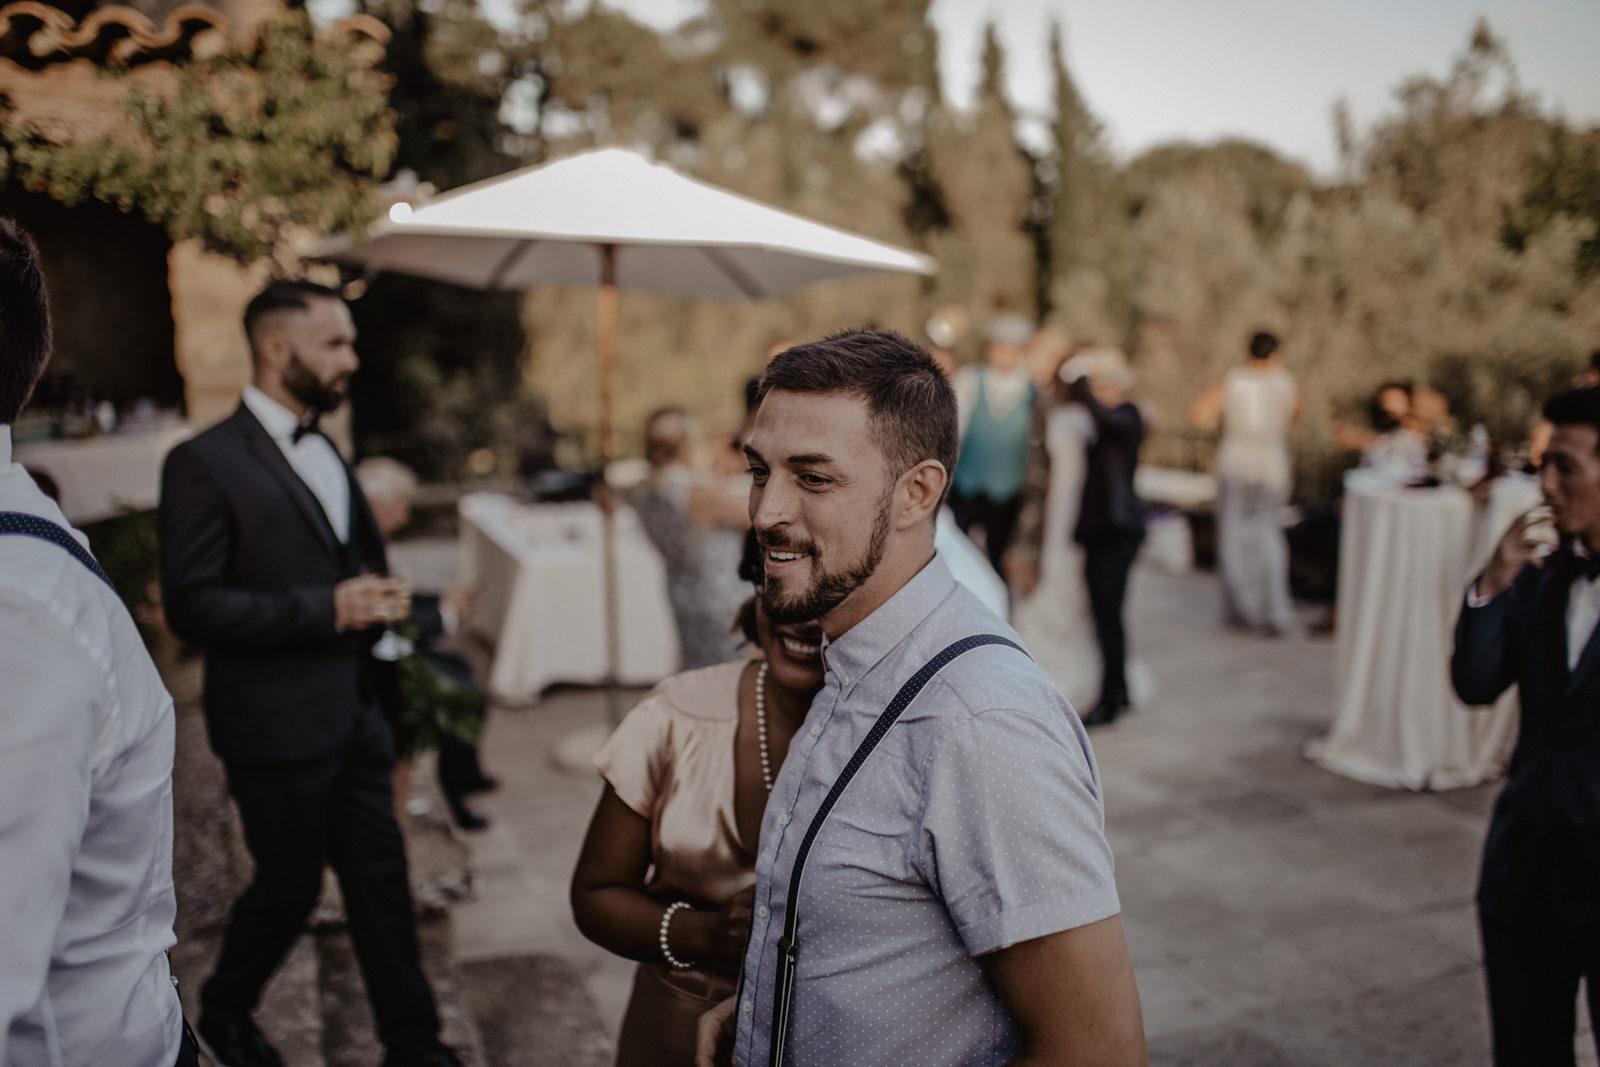 thenortherngirlphotography_photography_thenortherngirl_rebeccascabros_wedding_weddingphotography_weddingphotographer_barcelona_bodaenlabaronia_labaronia_japanesewedding_destinationwedding_shokoalbert-611.jpg